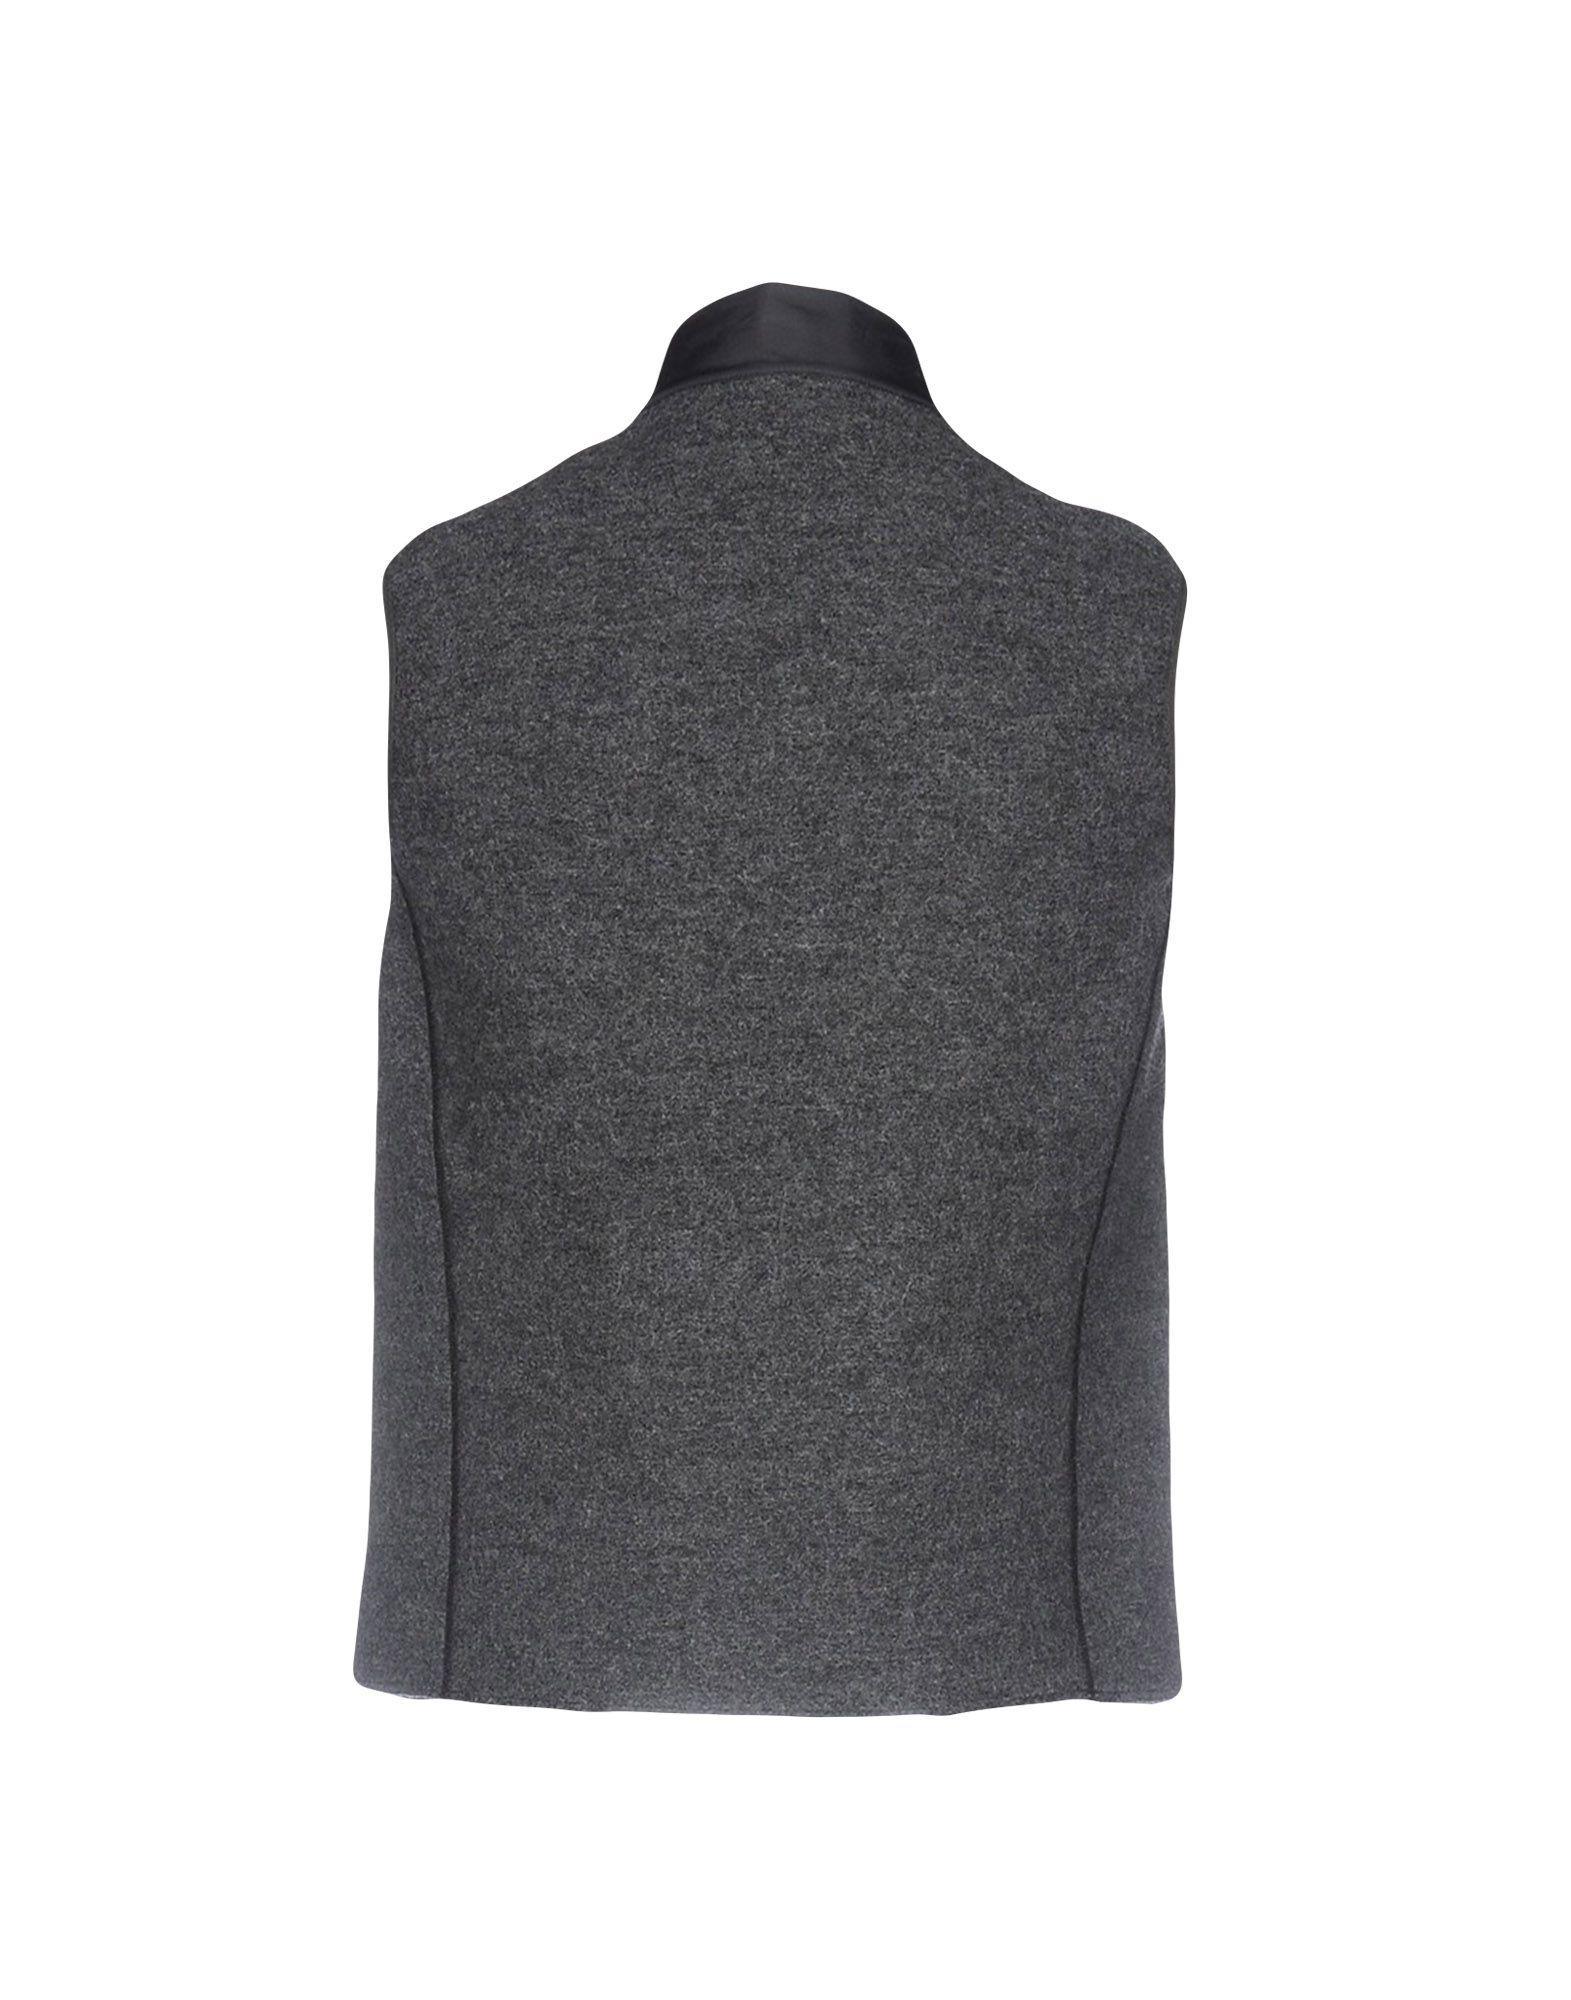 Aspesi Flannel Jacket in Steel Grey (Grey) for Men